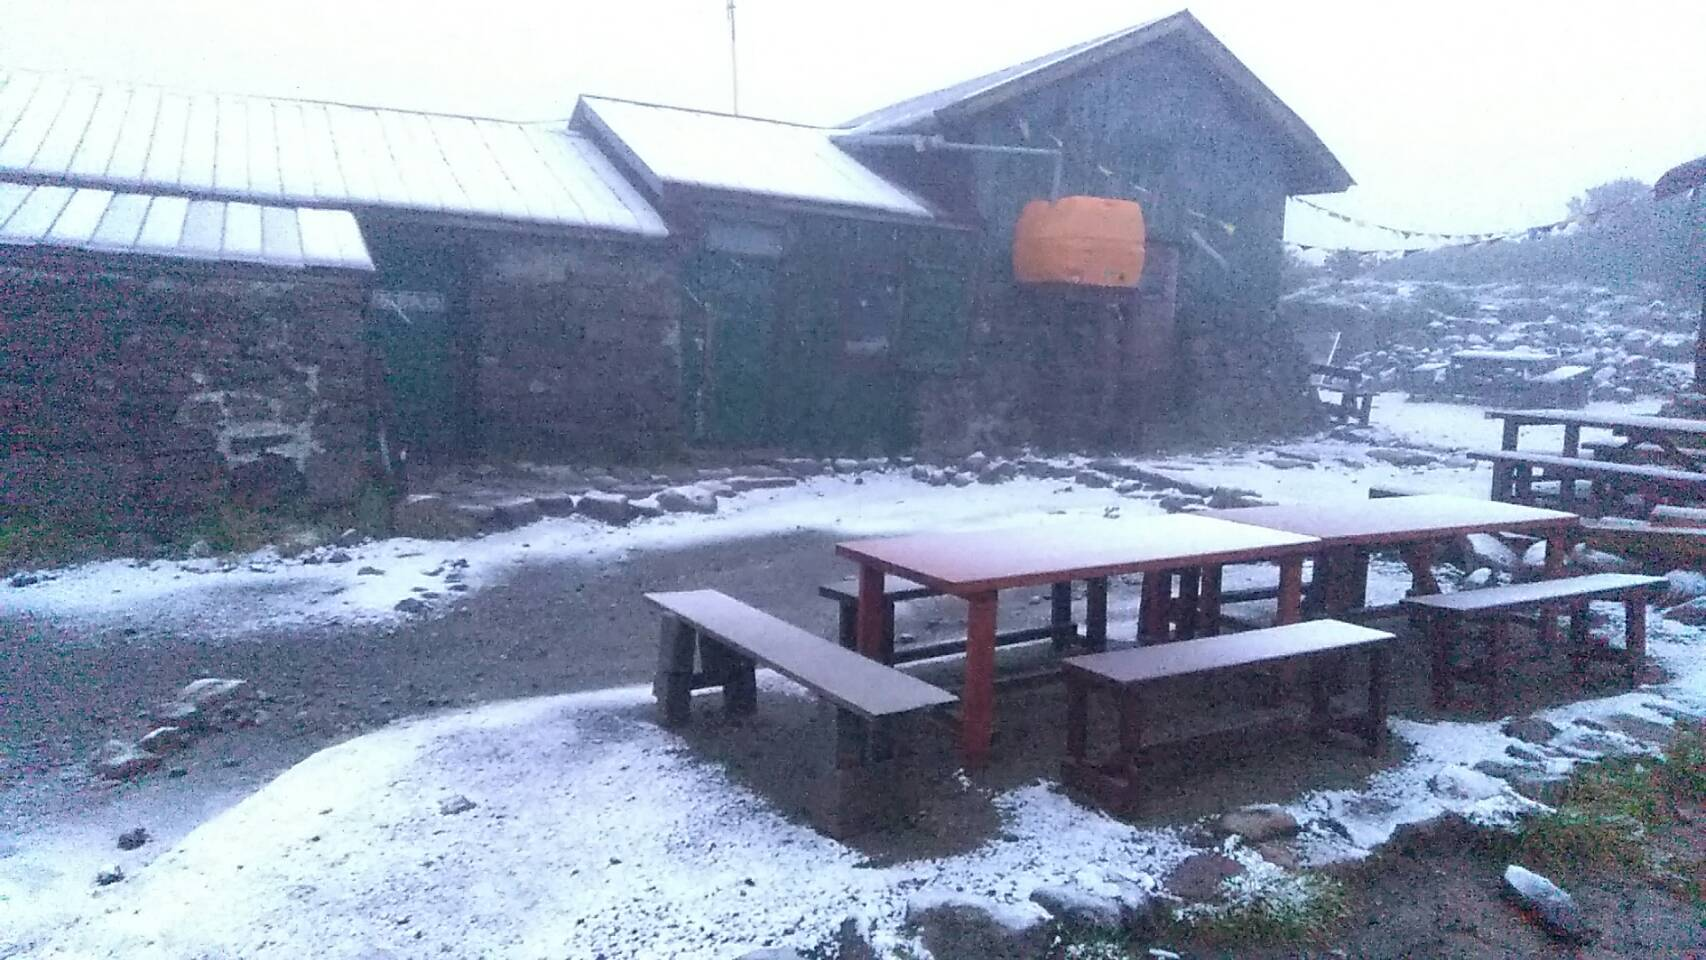 本日、8月17日0時52分黒岳石室にて初冠雪です☃️ 現在の石室気温0℃と冷え込んでおります~!!